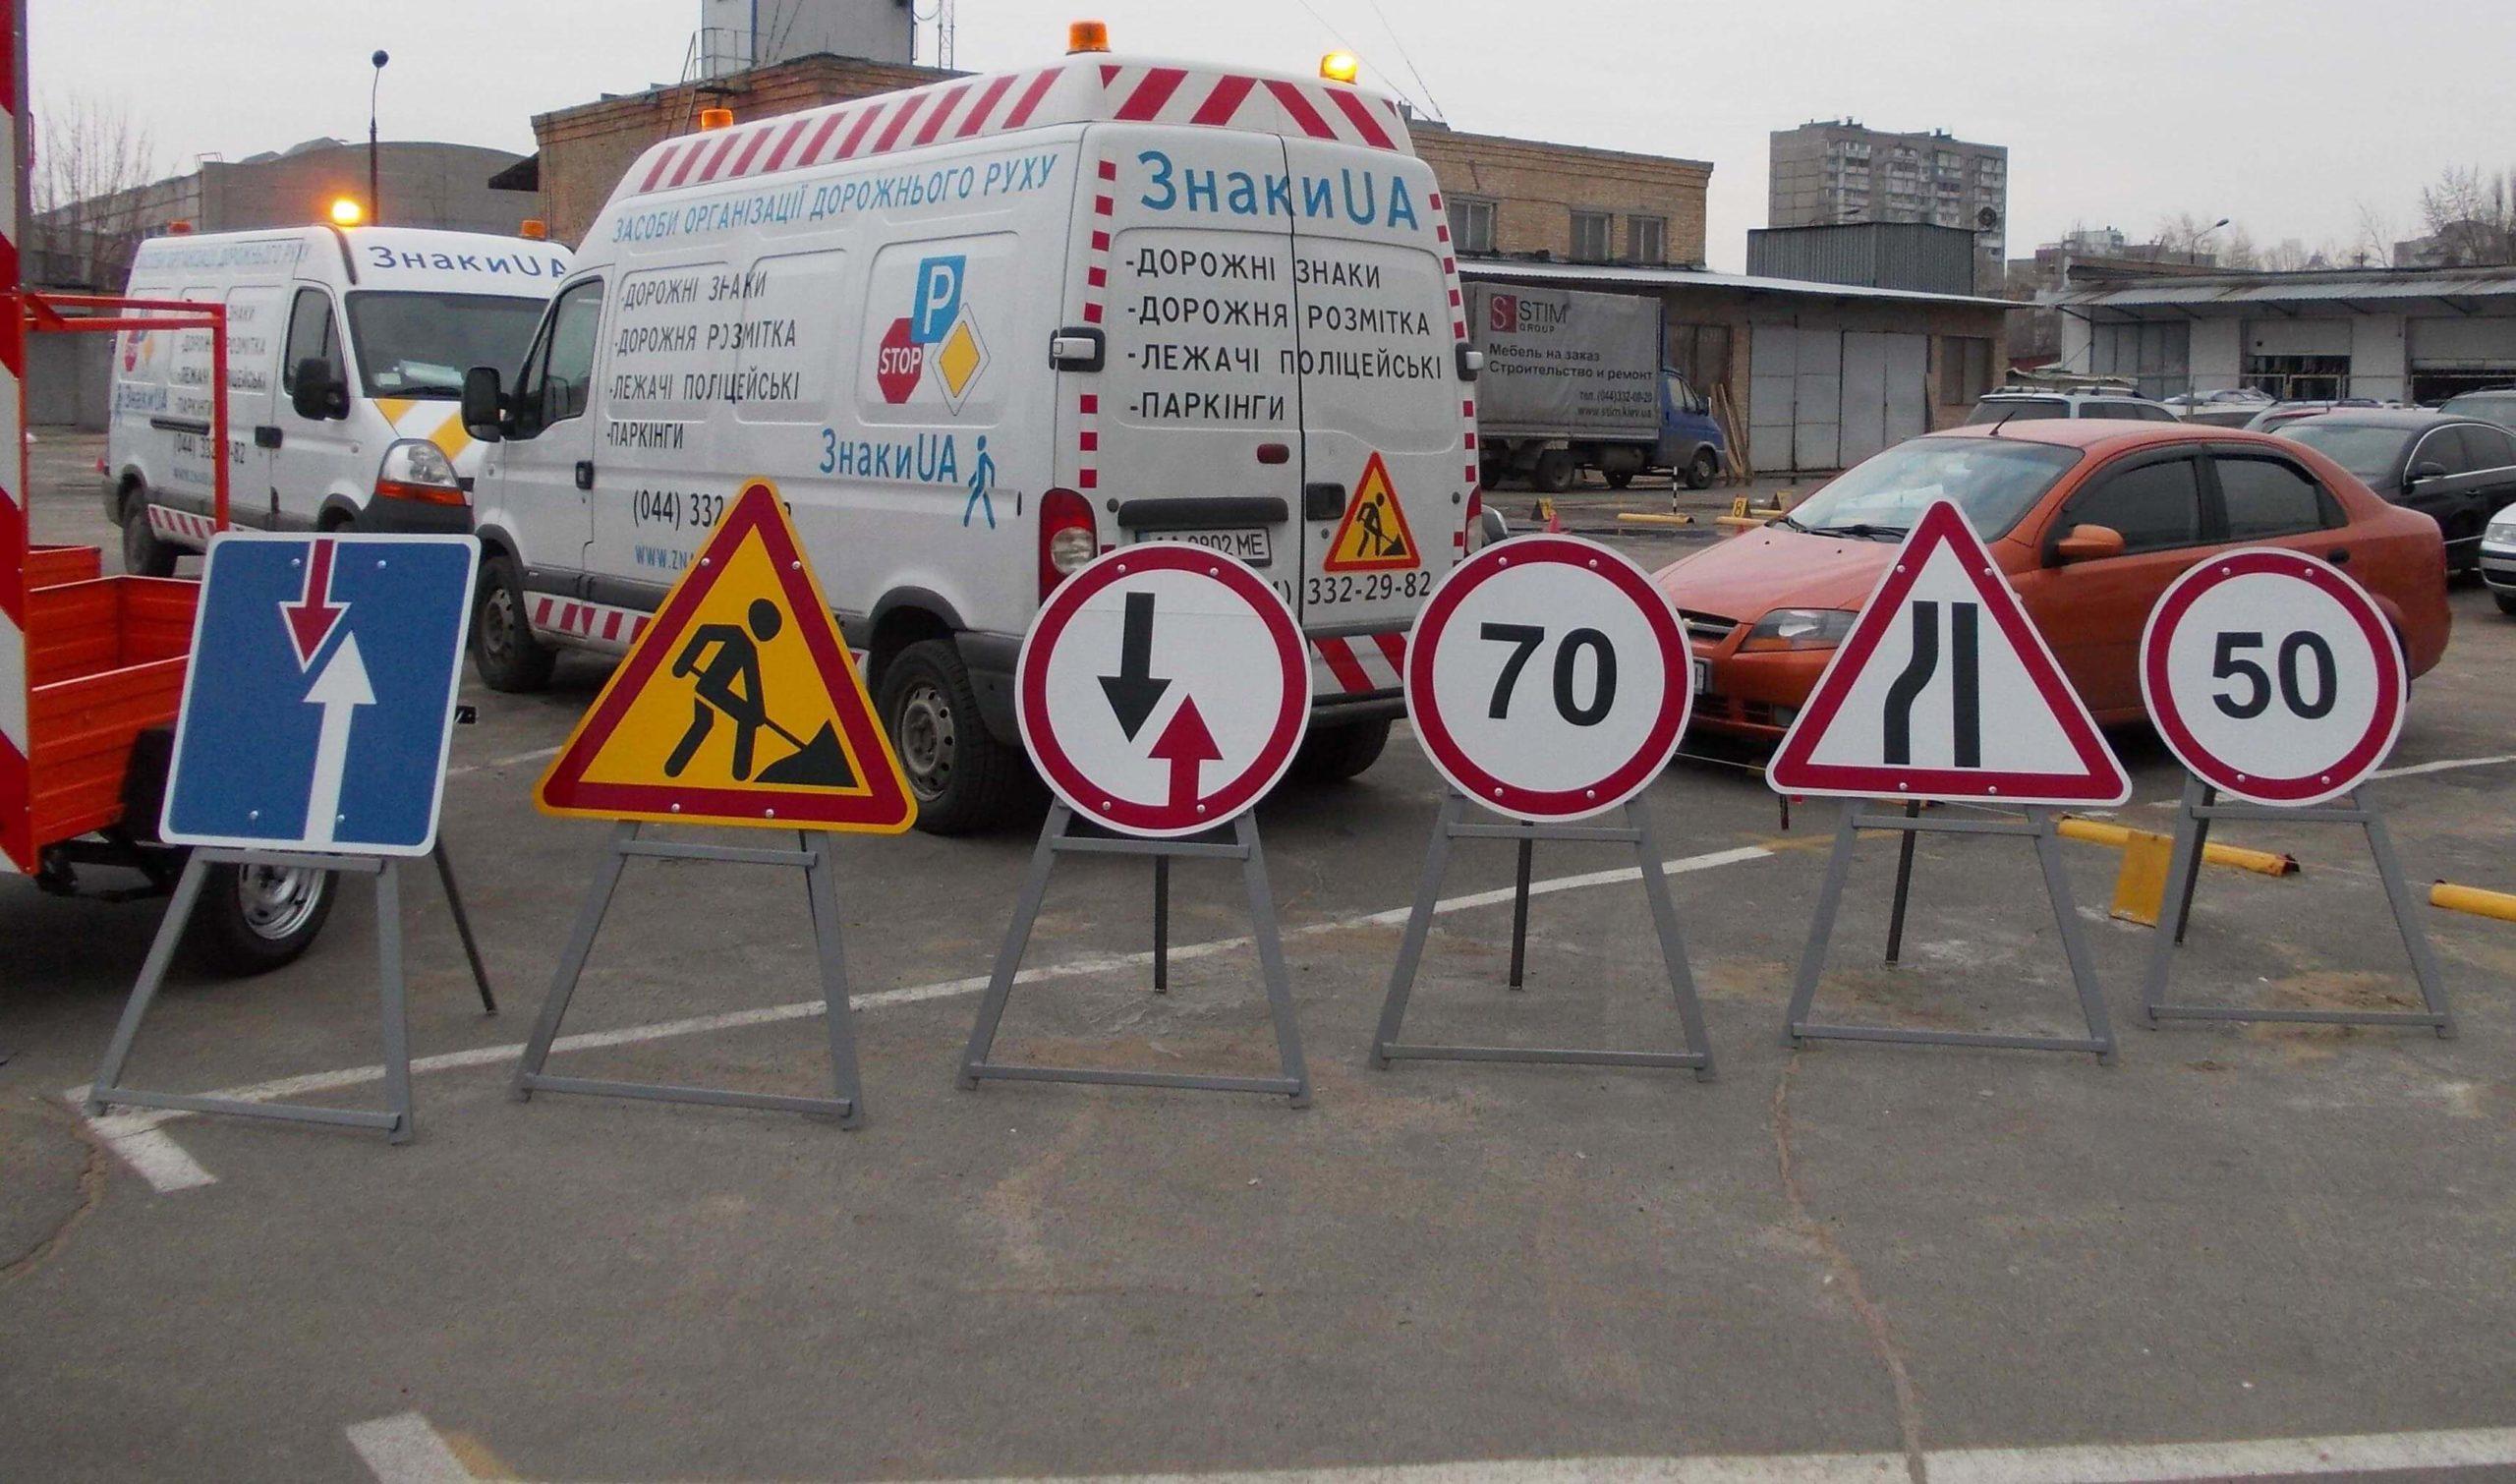 прицеп для дорожных работ 5